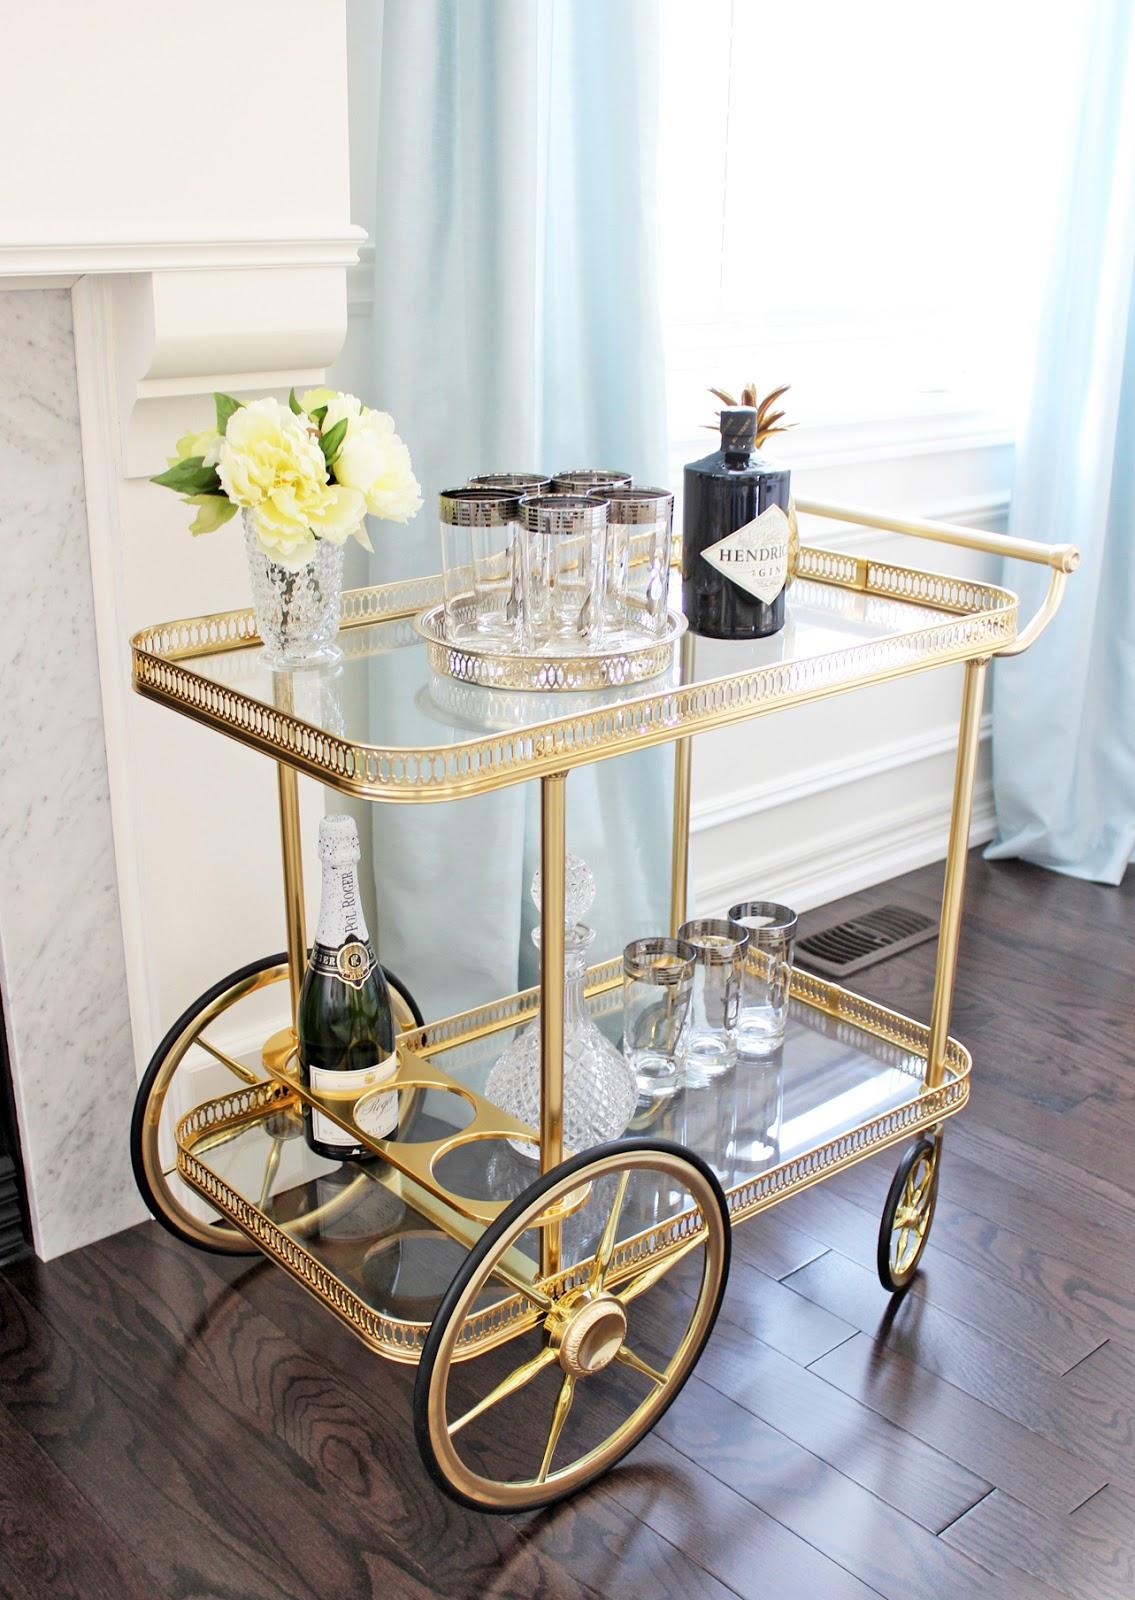 am dolce vita vintage bar cart styling. Black Bedroom Furniture Sets. Home Design Ideas